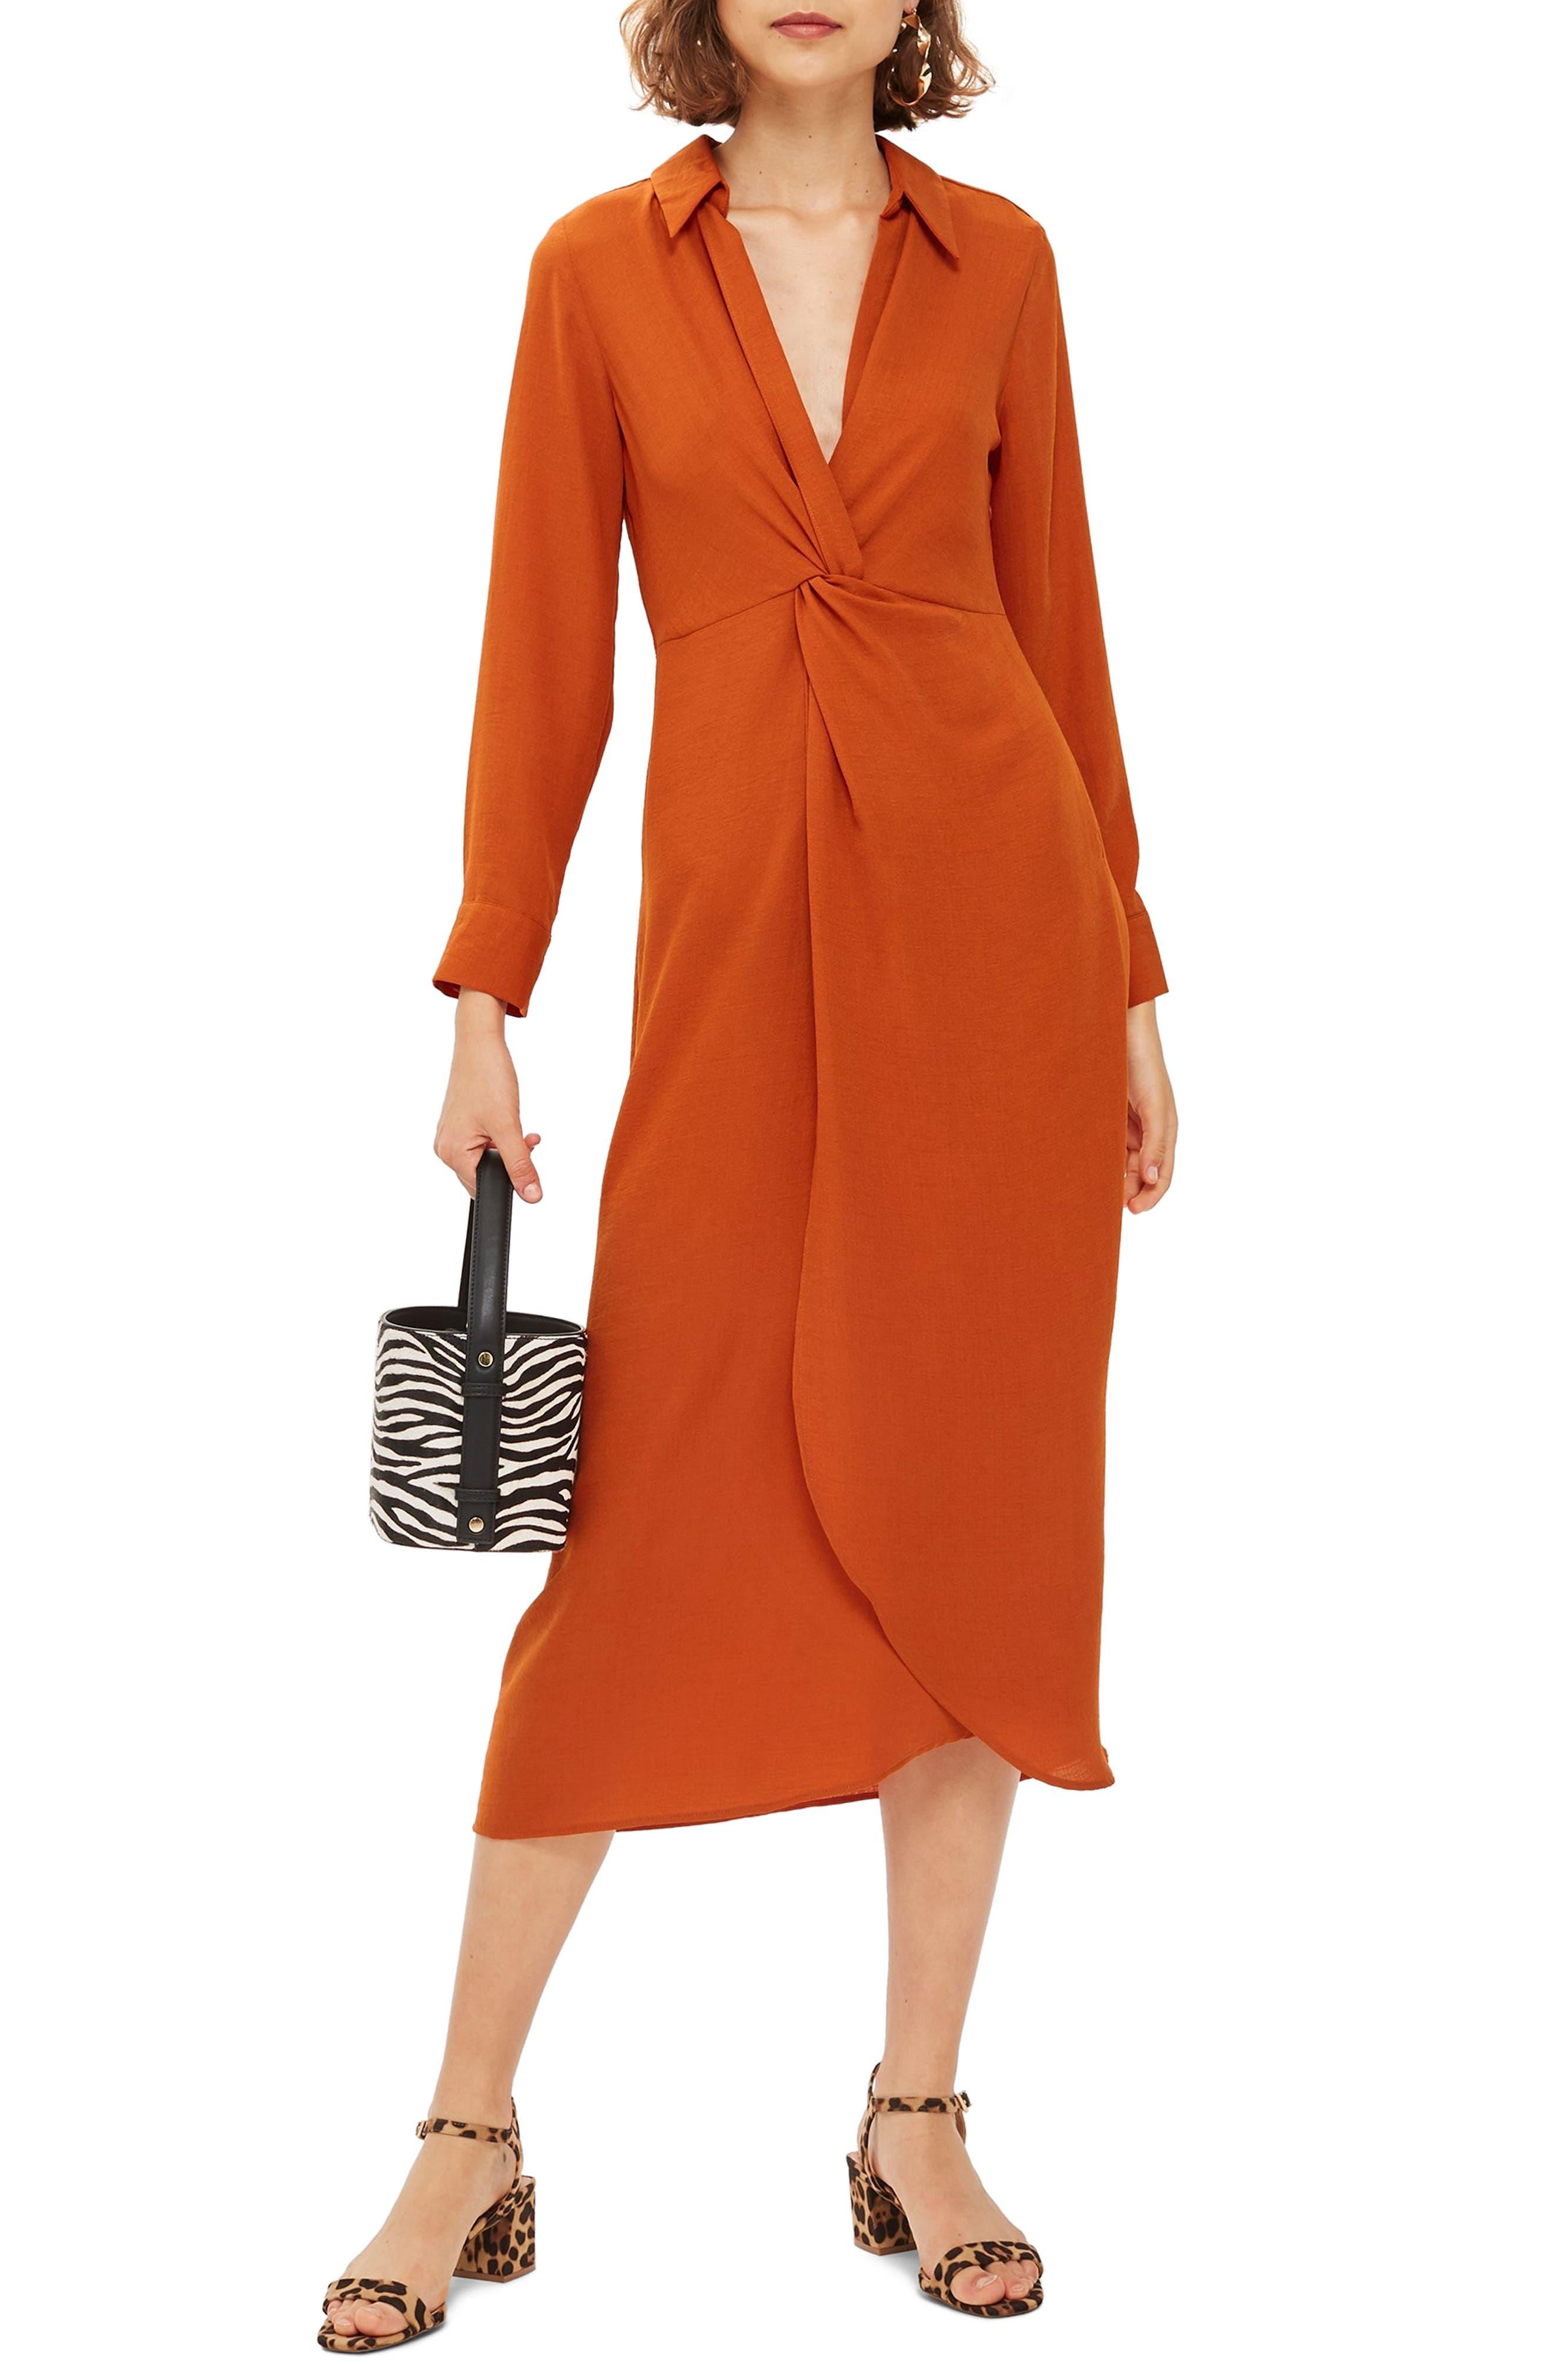 Topshop Twist Front Midi Dress, US (fits like 0) - Brown